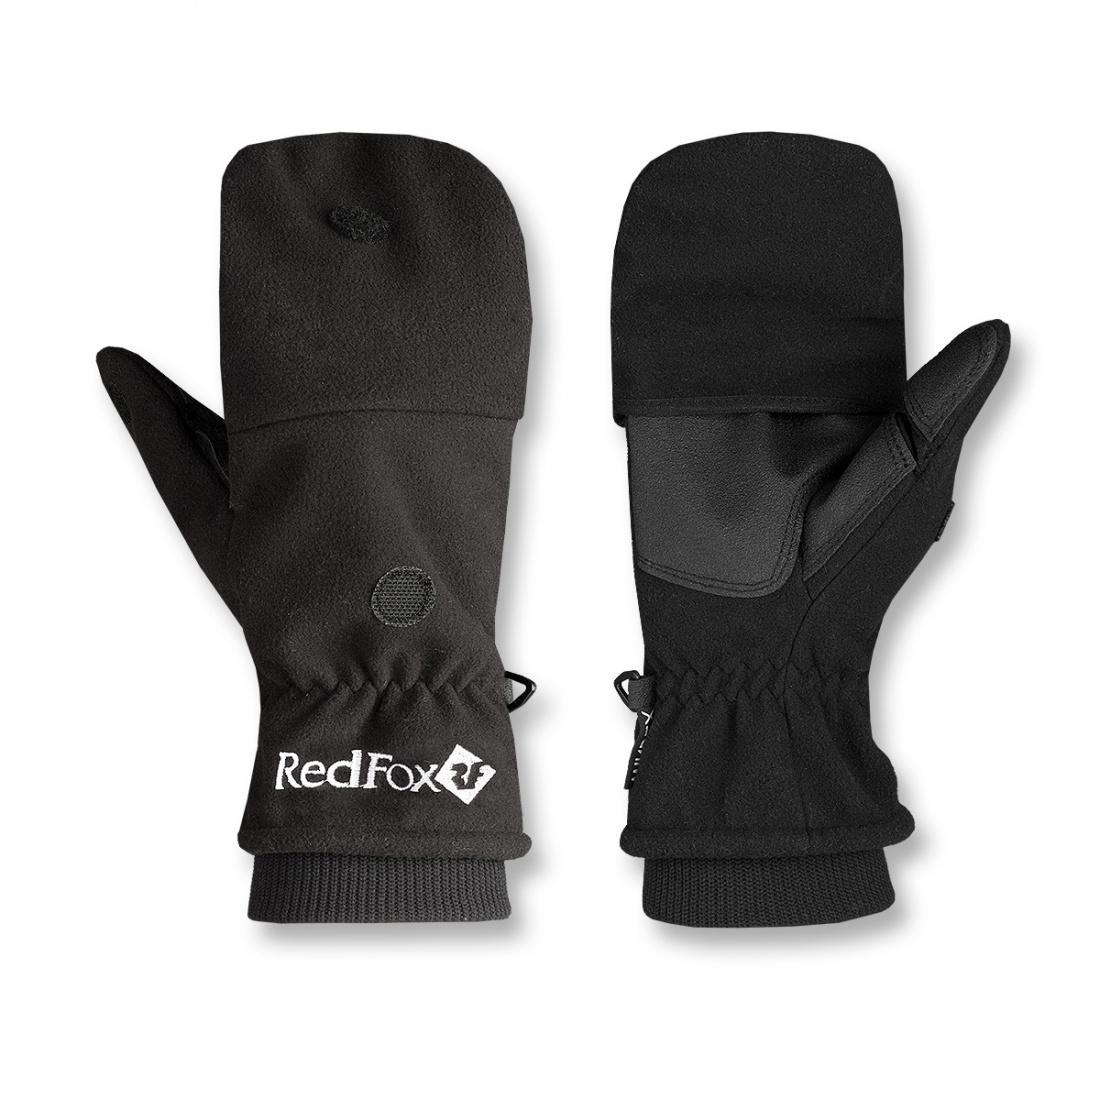 Перчатки TransmittenПерчатки<br><br> Перчатки-трансформеры с возможностью использования изделия с открытыми пальцами, а также в качестветеплых, непродуваемых рукавиц.<br><br><br> Основные характеристики:<br><br><br><br><br>комфортная регулировка ладони, позволяющая транс...<br><br>Цвет: Черный<br>Размер: L